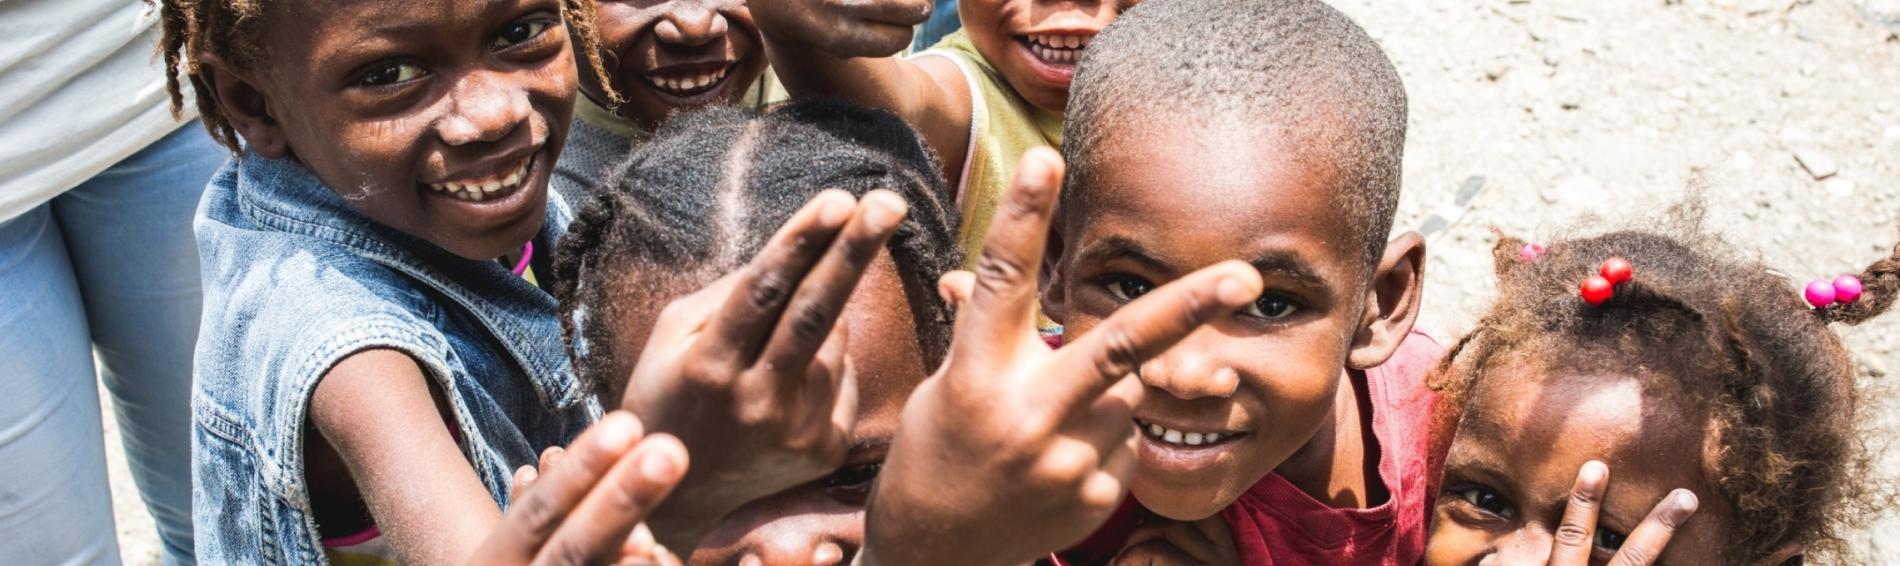 Kindergruppe in Haiti  Foto: Ärzte der Welt